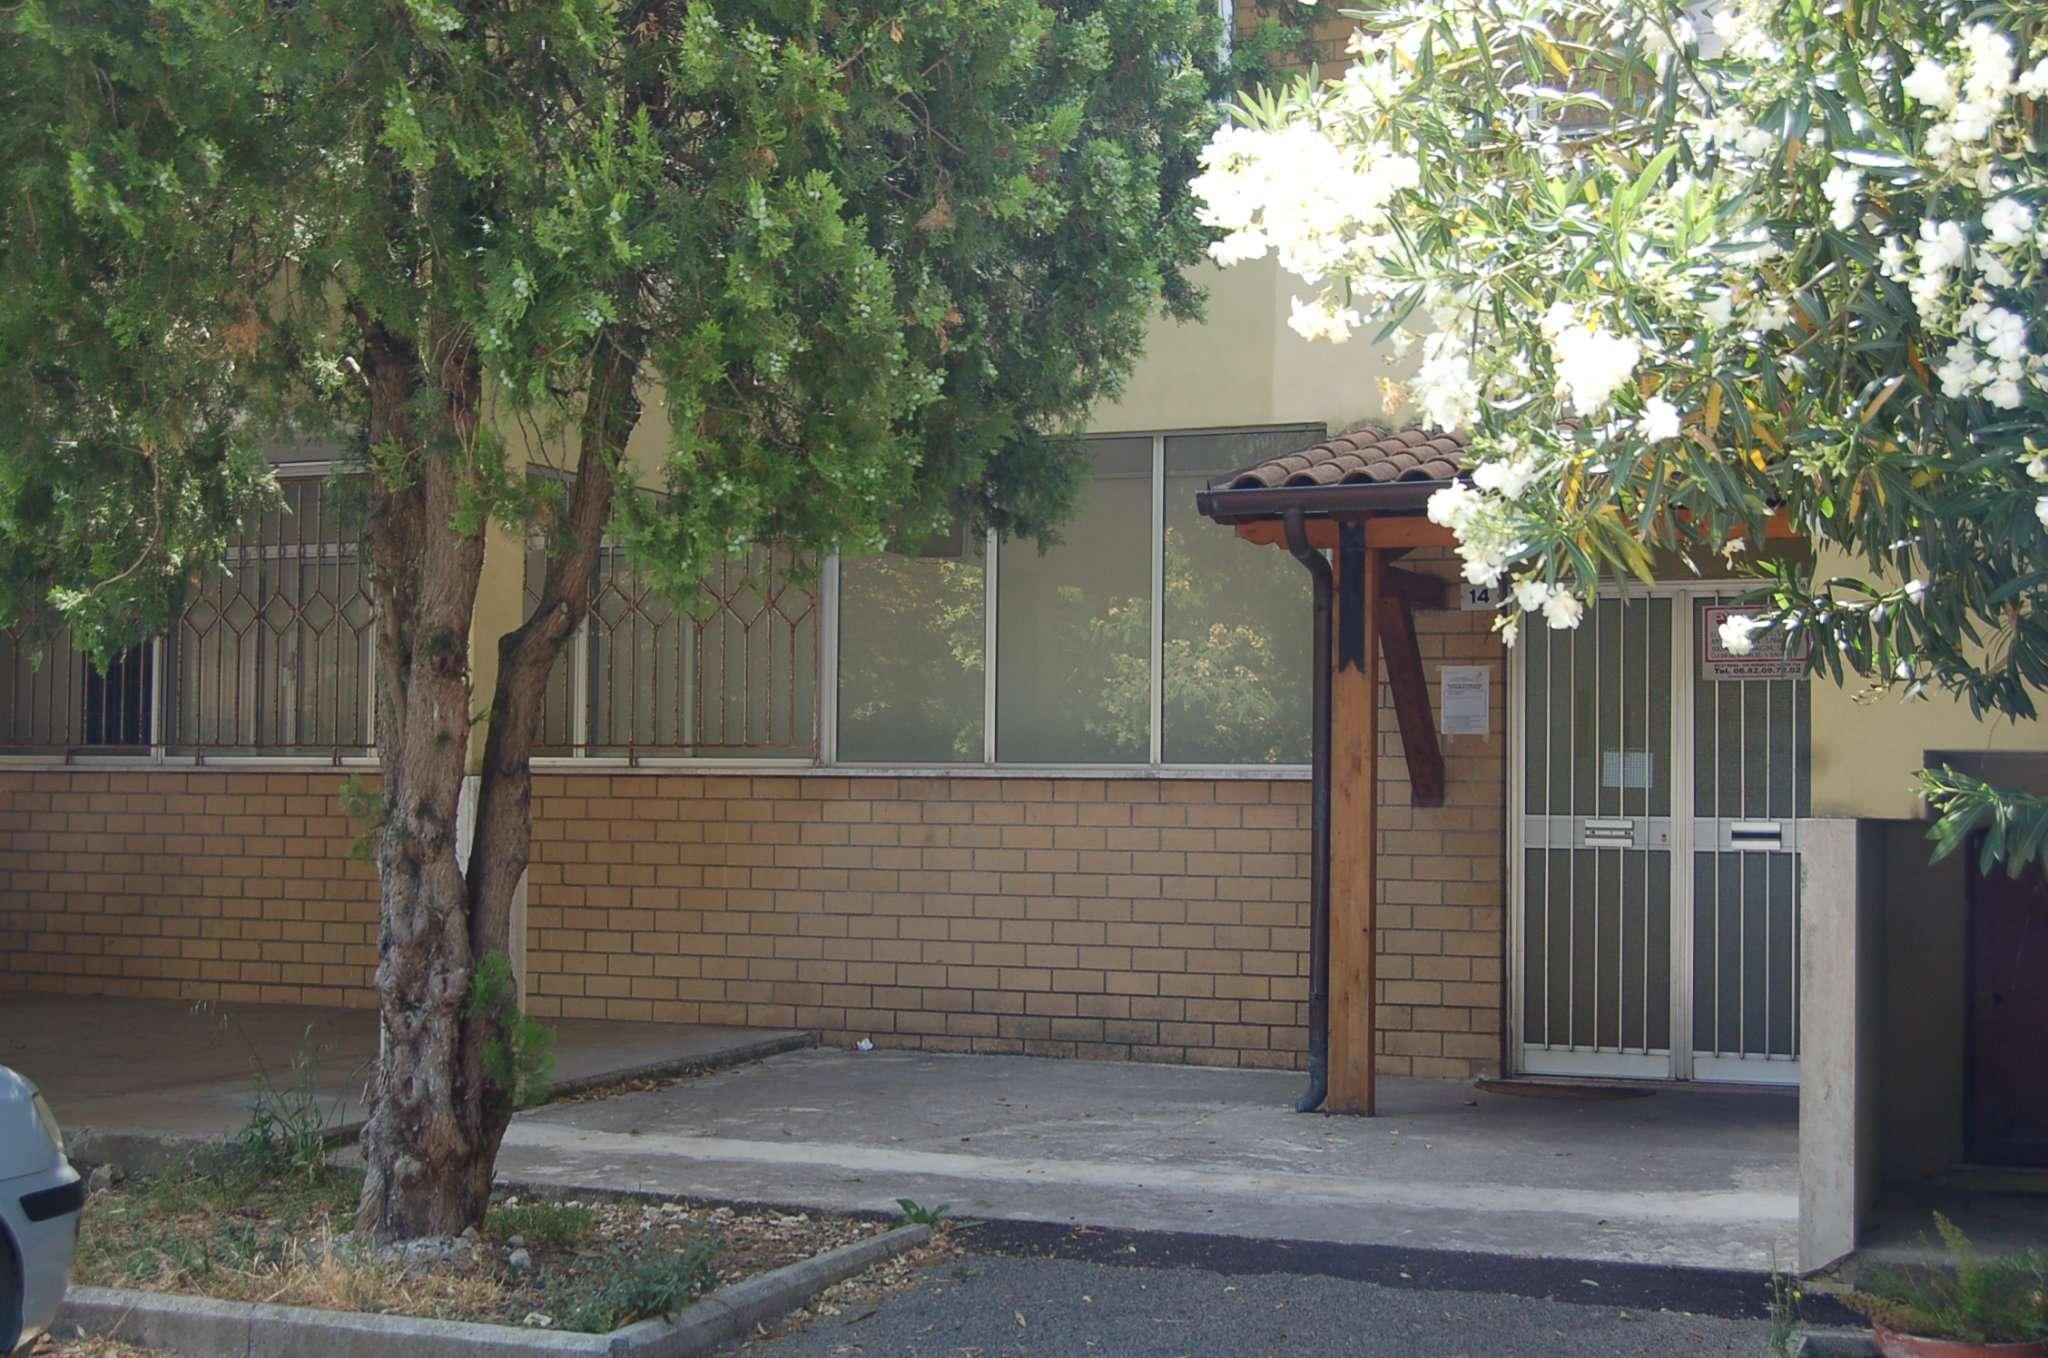 Appartamento in vendita a Fiano Romano, 3 locali, prezzo € 109.000 | CambioCasa.it